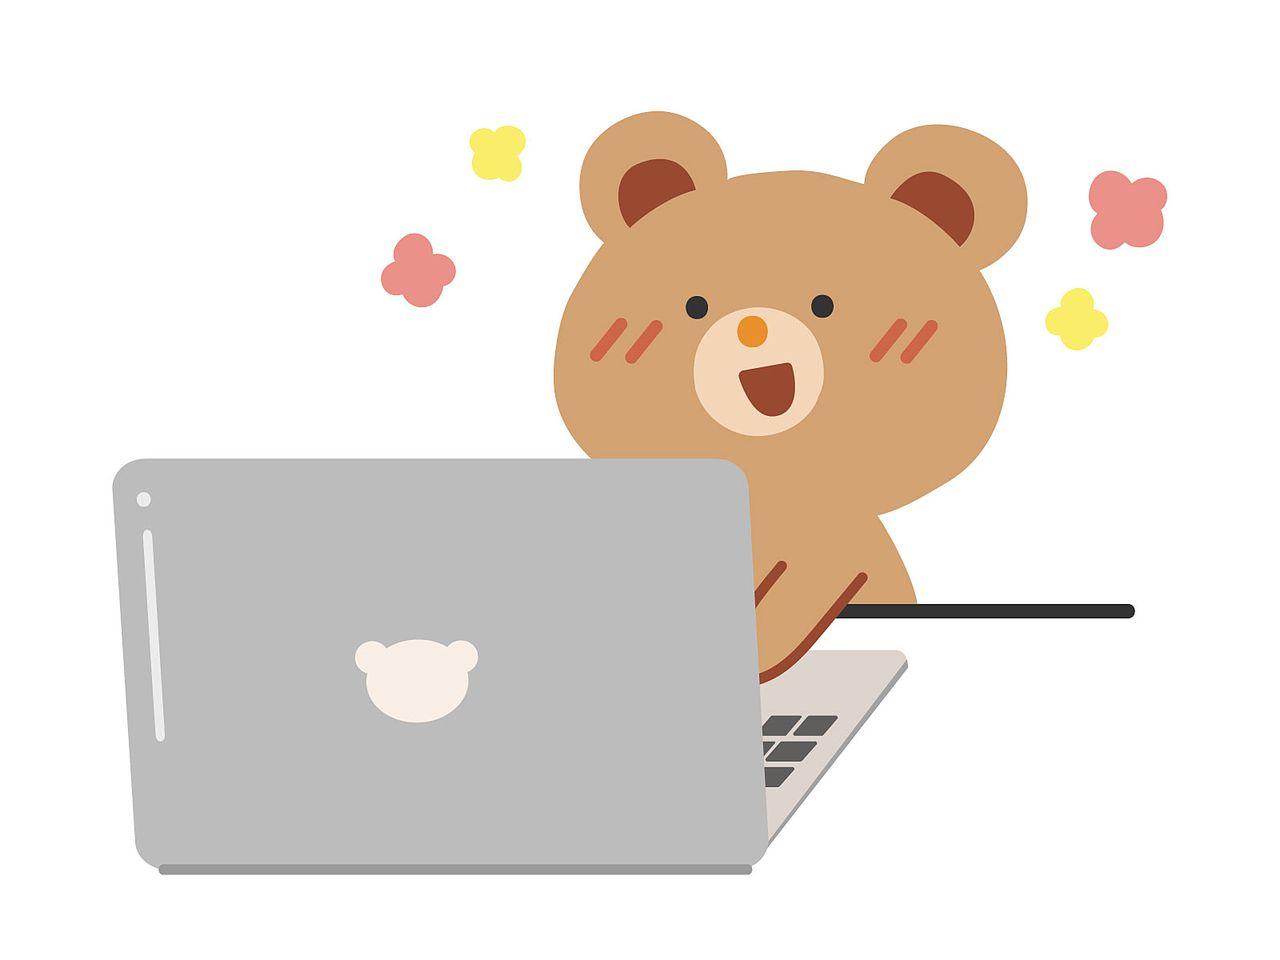 パソコンをSSDにしたら、起動の速さにびっくり!イライラの解消と仕事の効率化